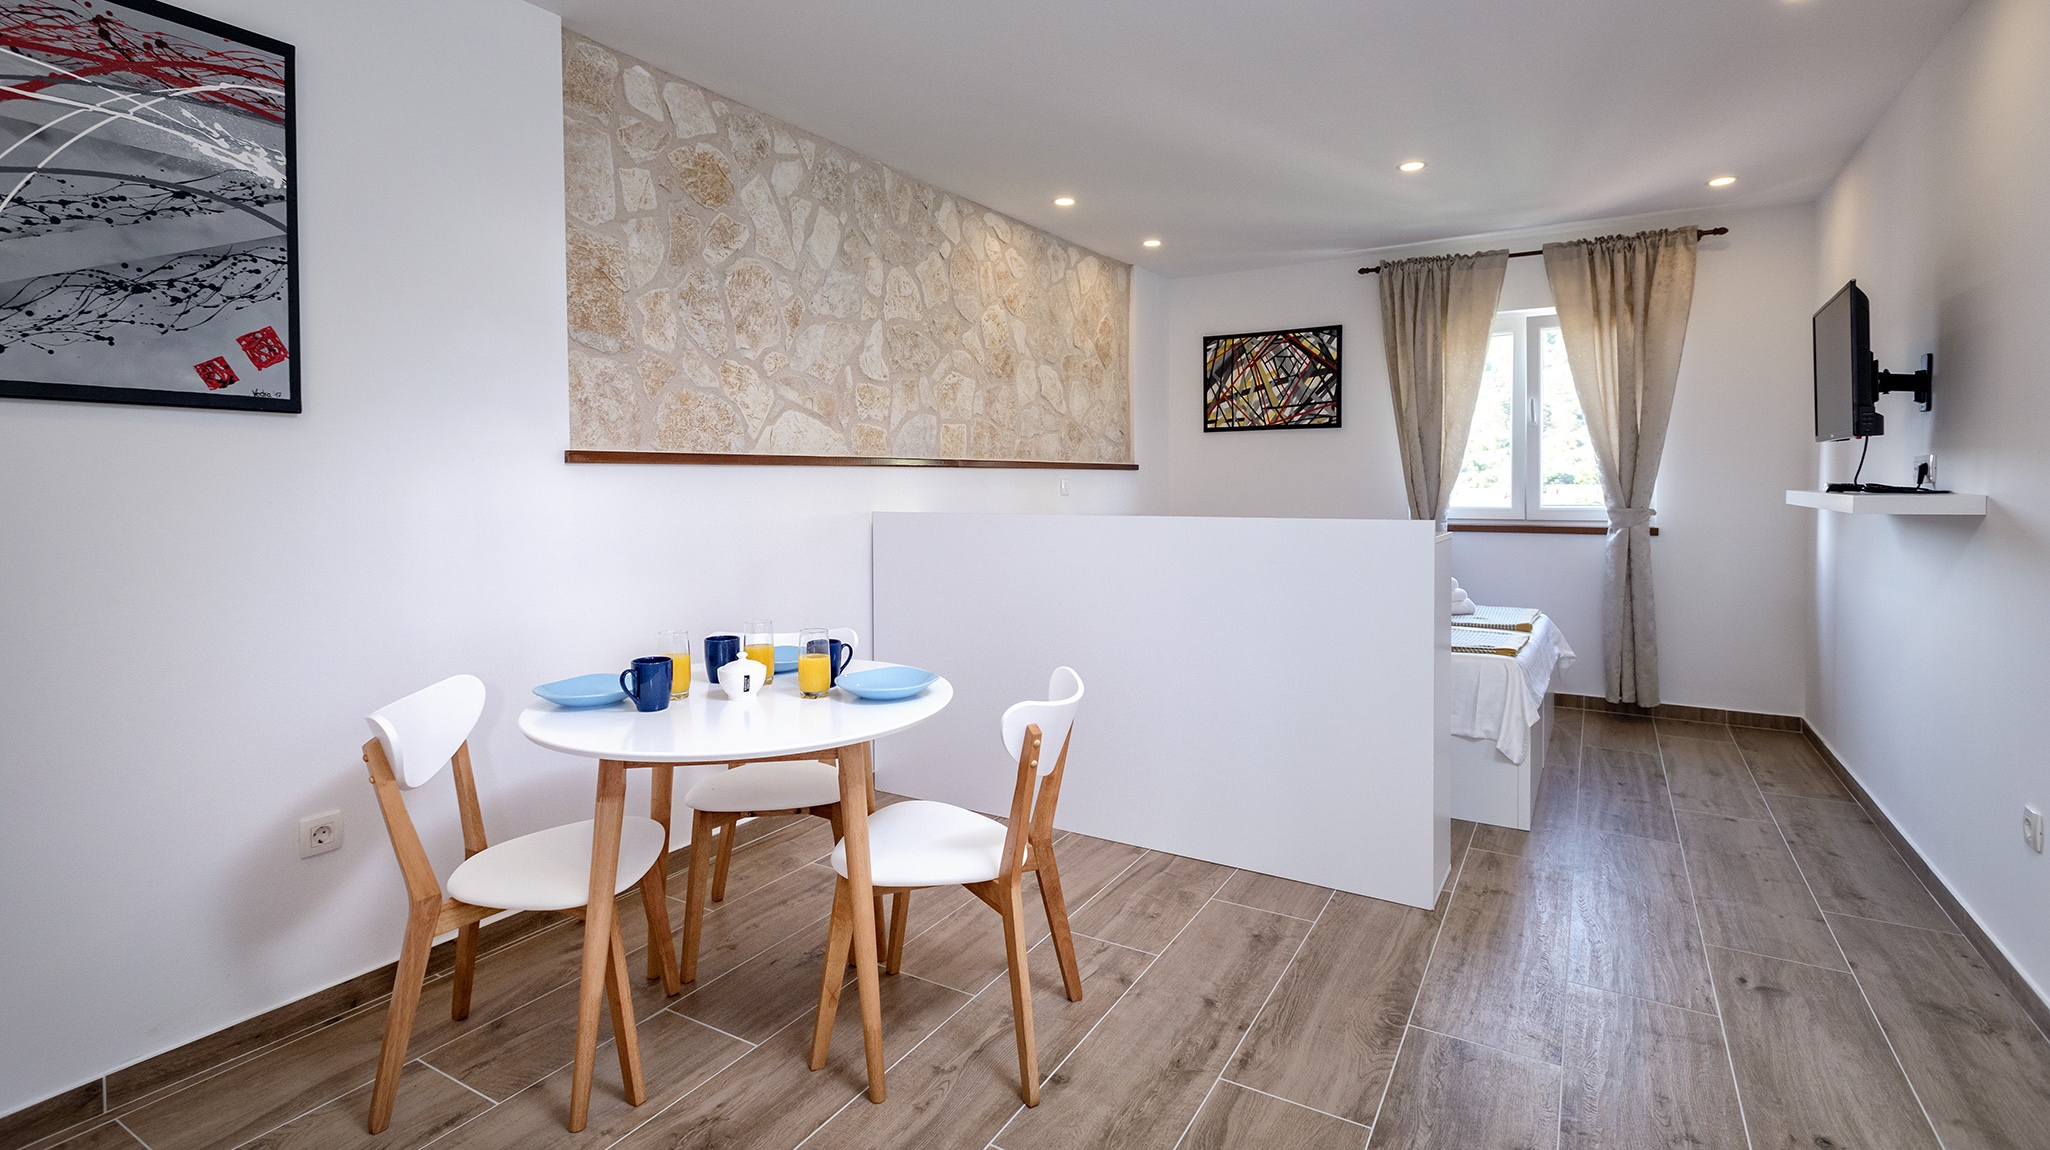 Prodaju se dva studio apartmana u gradu Hvaru